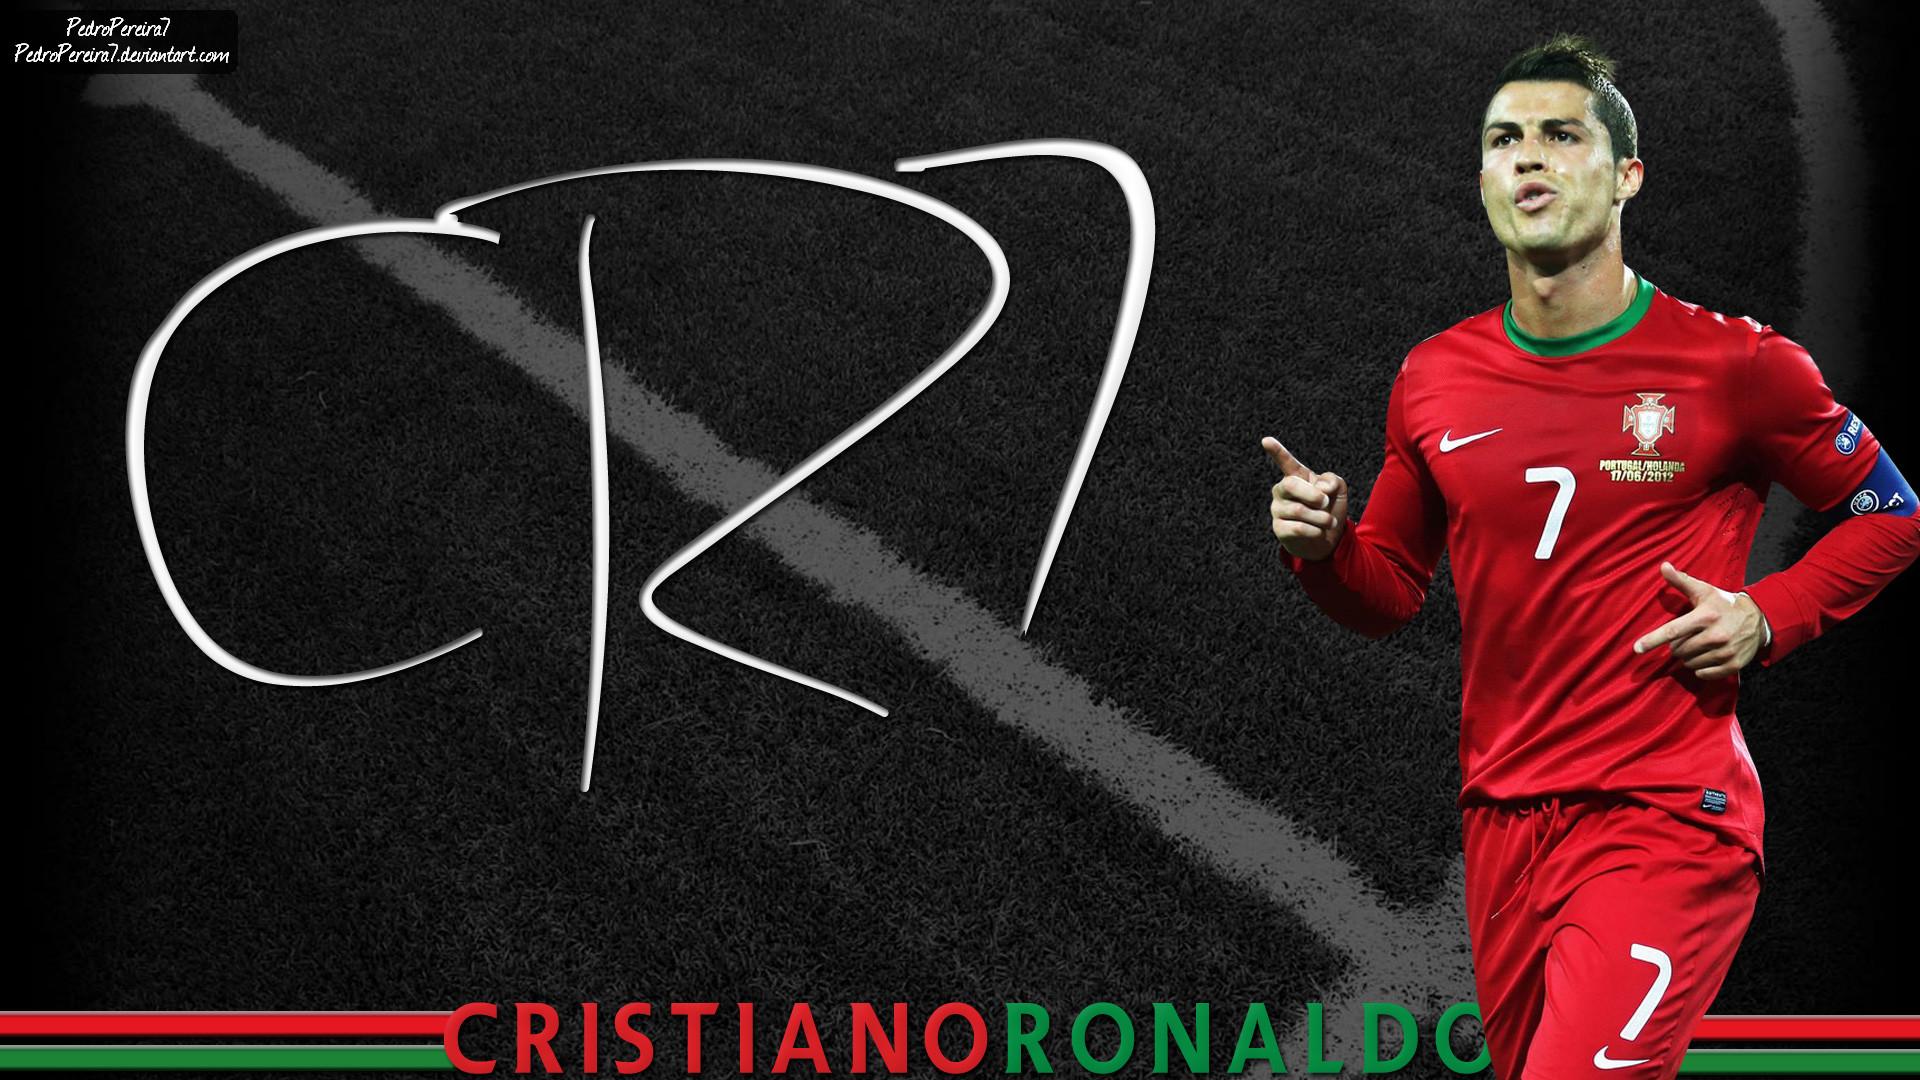 cristiano ronaldo 7 wallpaper ·①